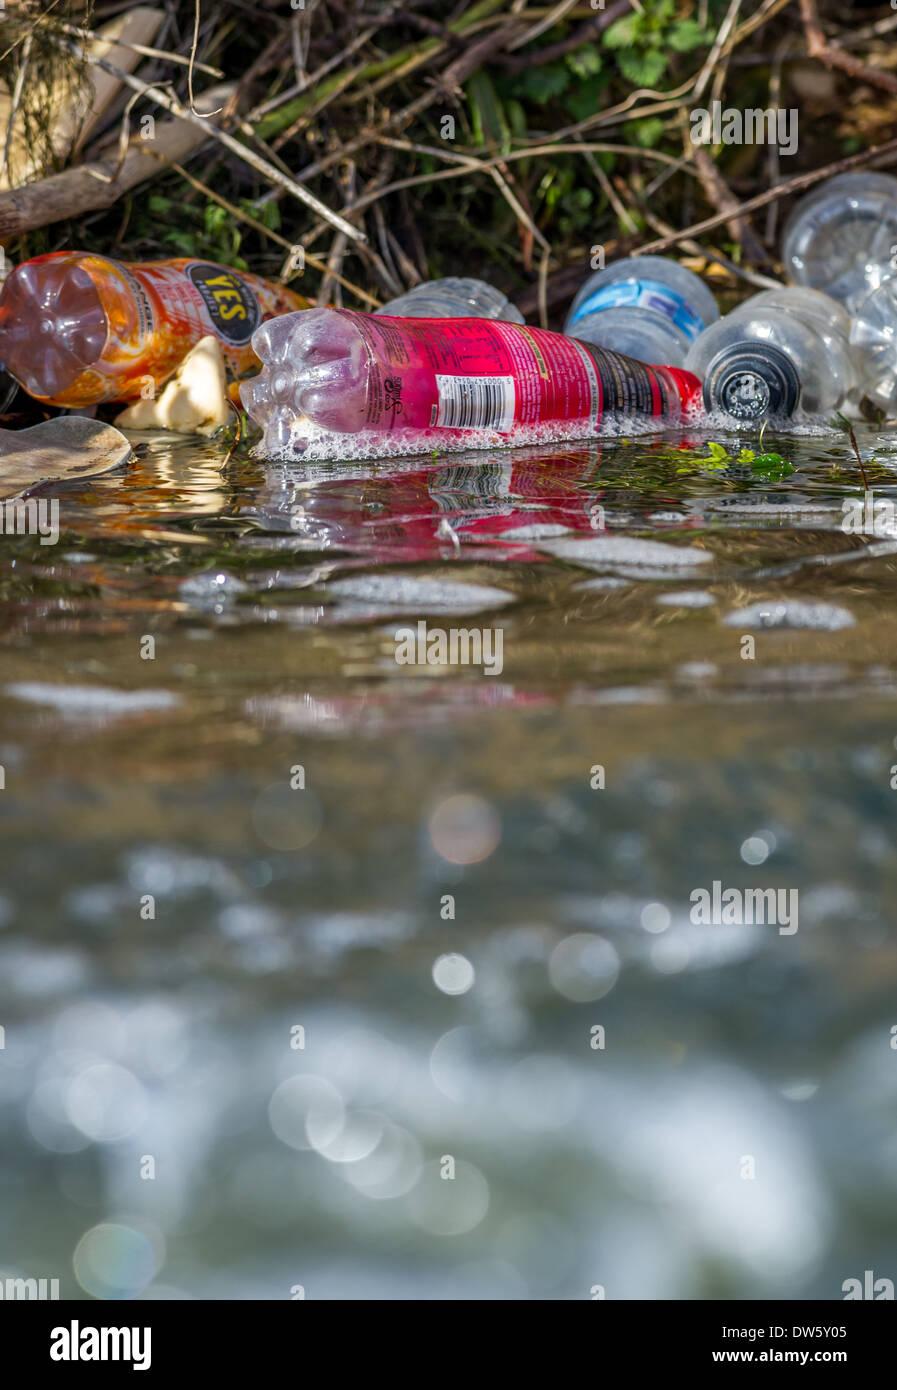 Ausrangierte Plastikflaschen verschmutzen das Ufer eines Flusses. Stockbild